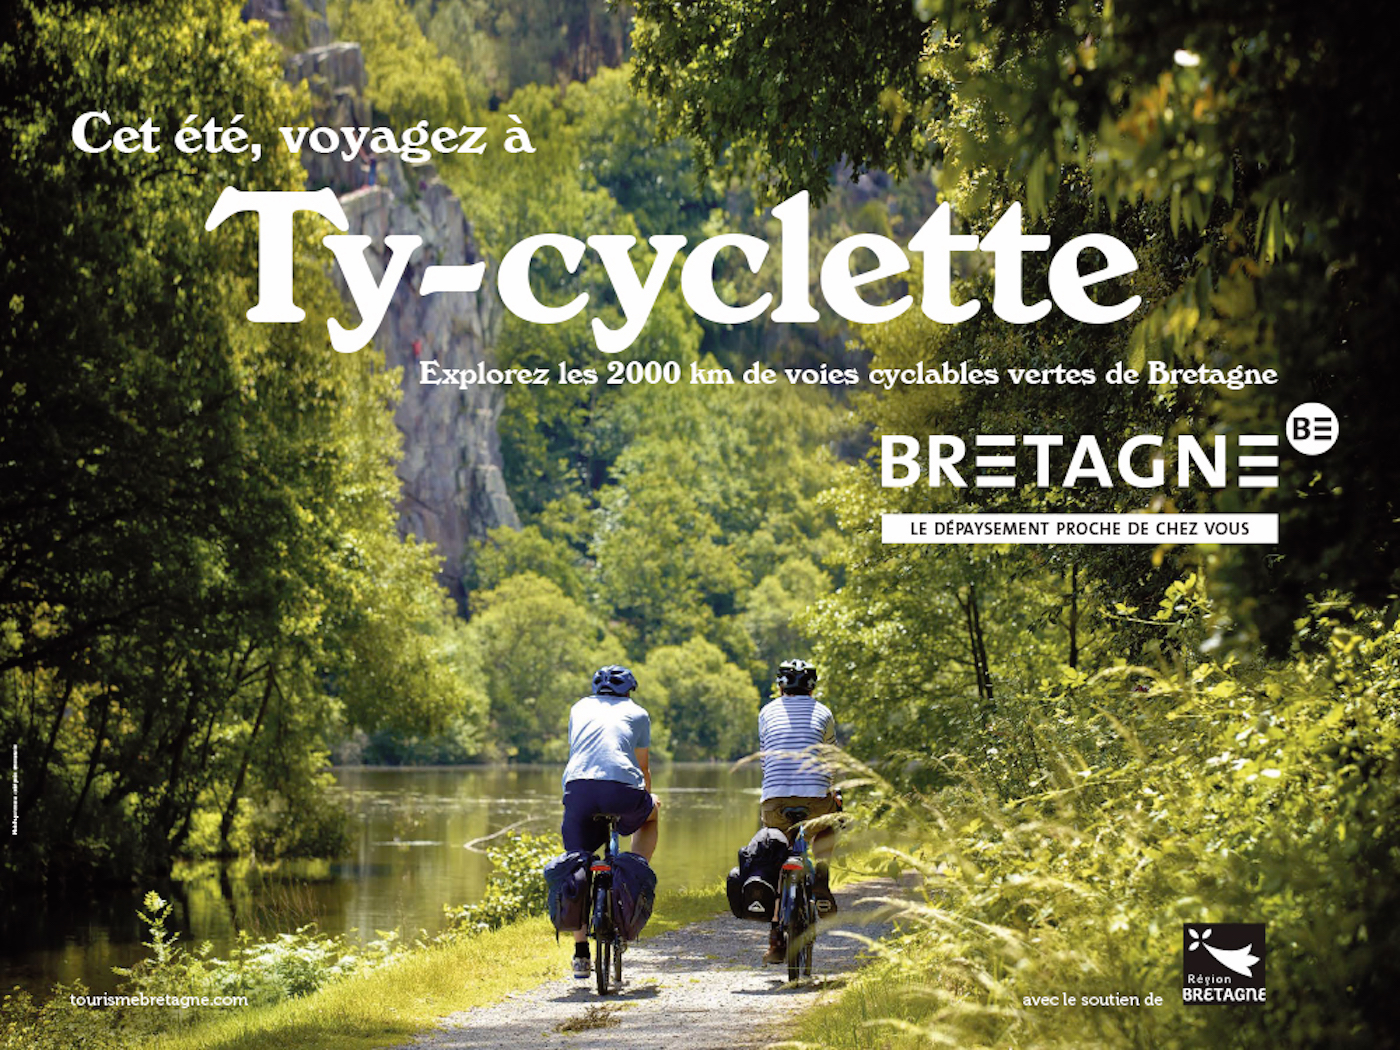 Ty-cyclette : la campagne de pub pour le tourisme en Bretagne